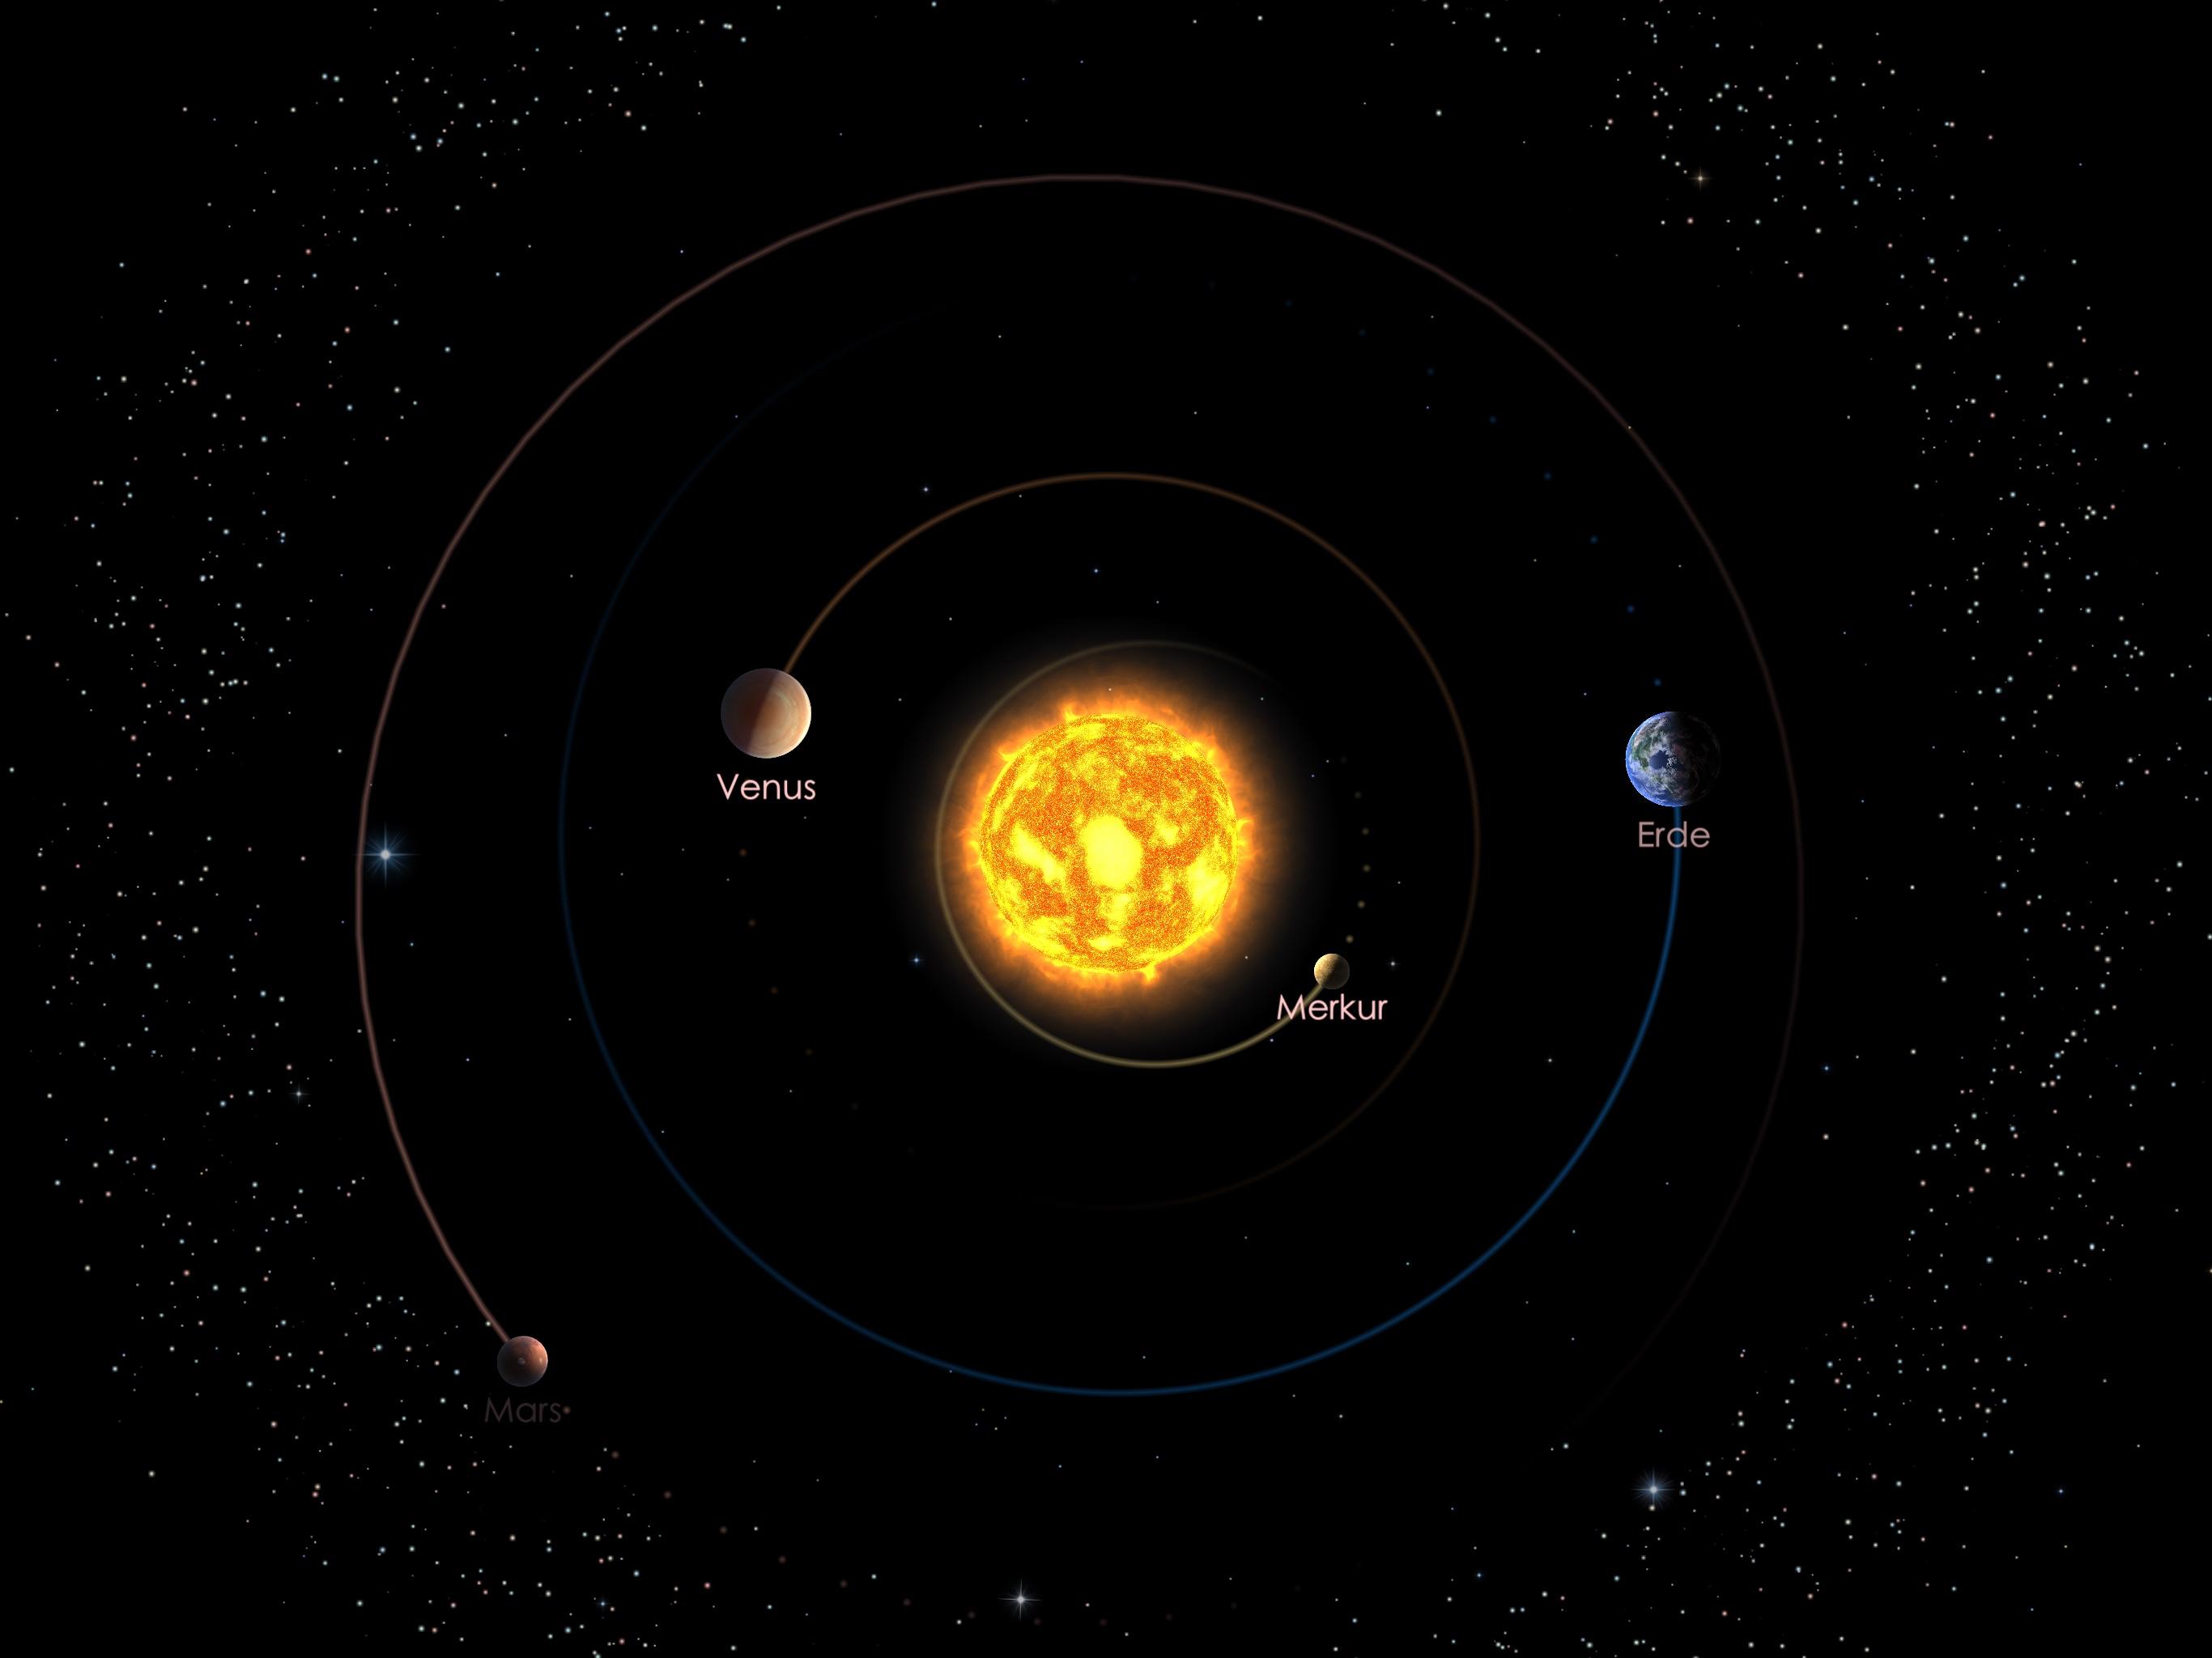 Die Positionen der inneren Planeten am 01.07.19